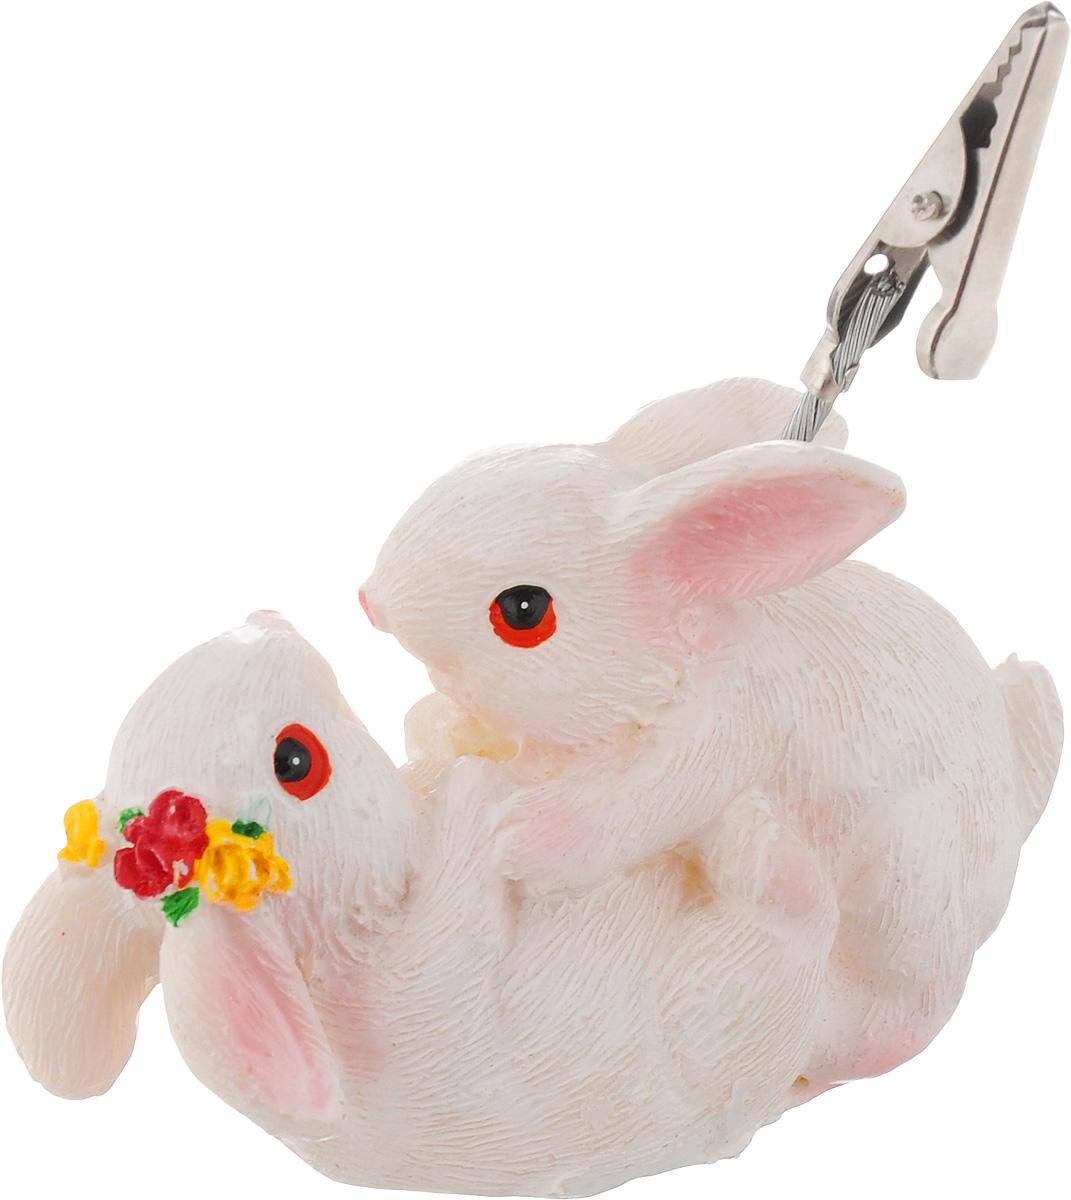 Держатель для карточек Home Queen Играющие кролики, высота 5 см57543Держатель для карточек Home Queen Играющие кролики выполнен из полирезины в виде двух милых кроликов. Изделие снабжено металлическим держателем-прищепкой, который надежно удержит визитки, карточки и фотографии. Стильный и необычный аксессуар для рабочего стола.